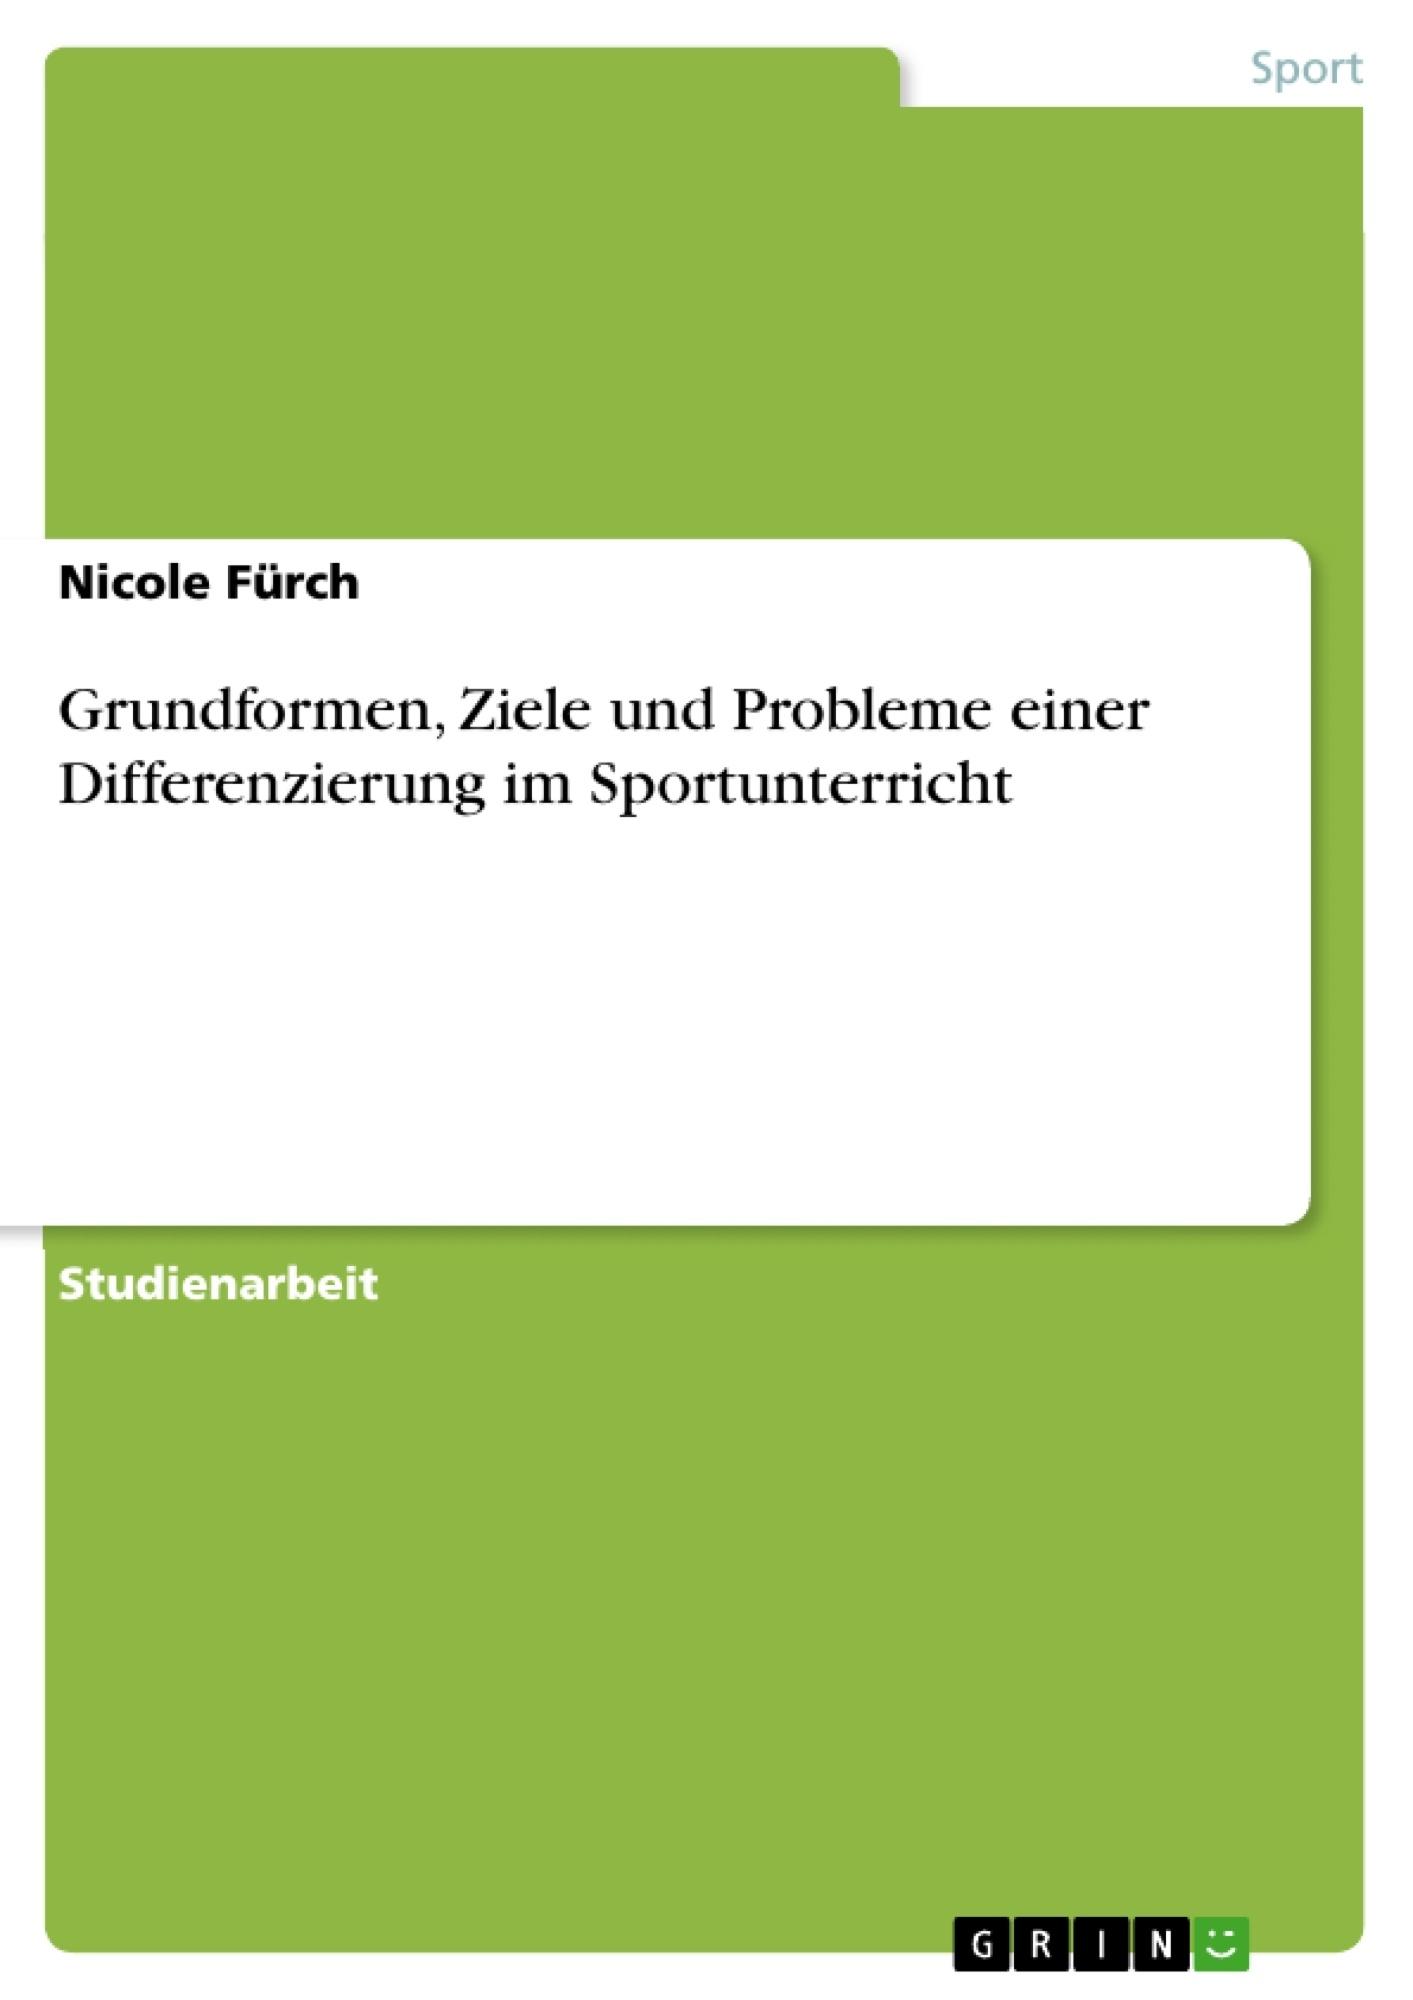 Titel: Grundformen, Ziele und Probleme einer Differenzierung im Sportunterricht